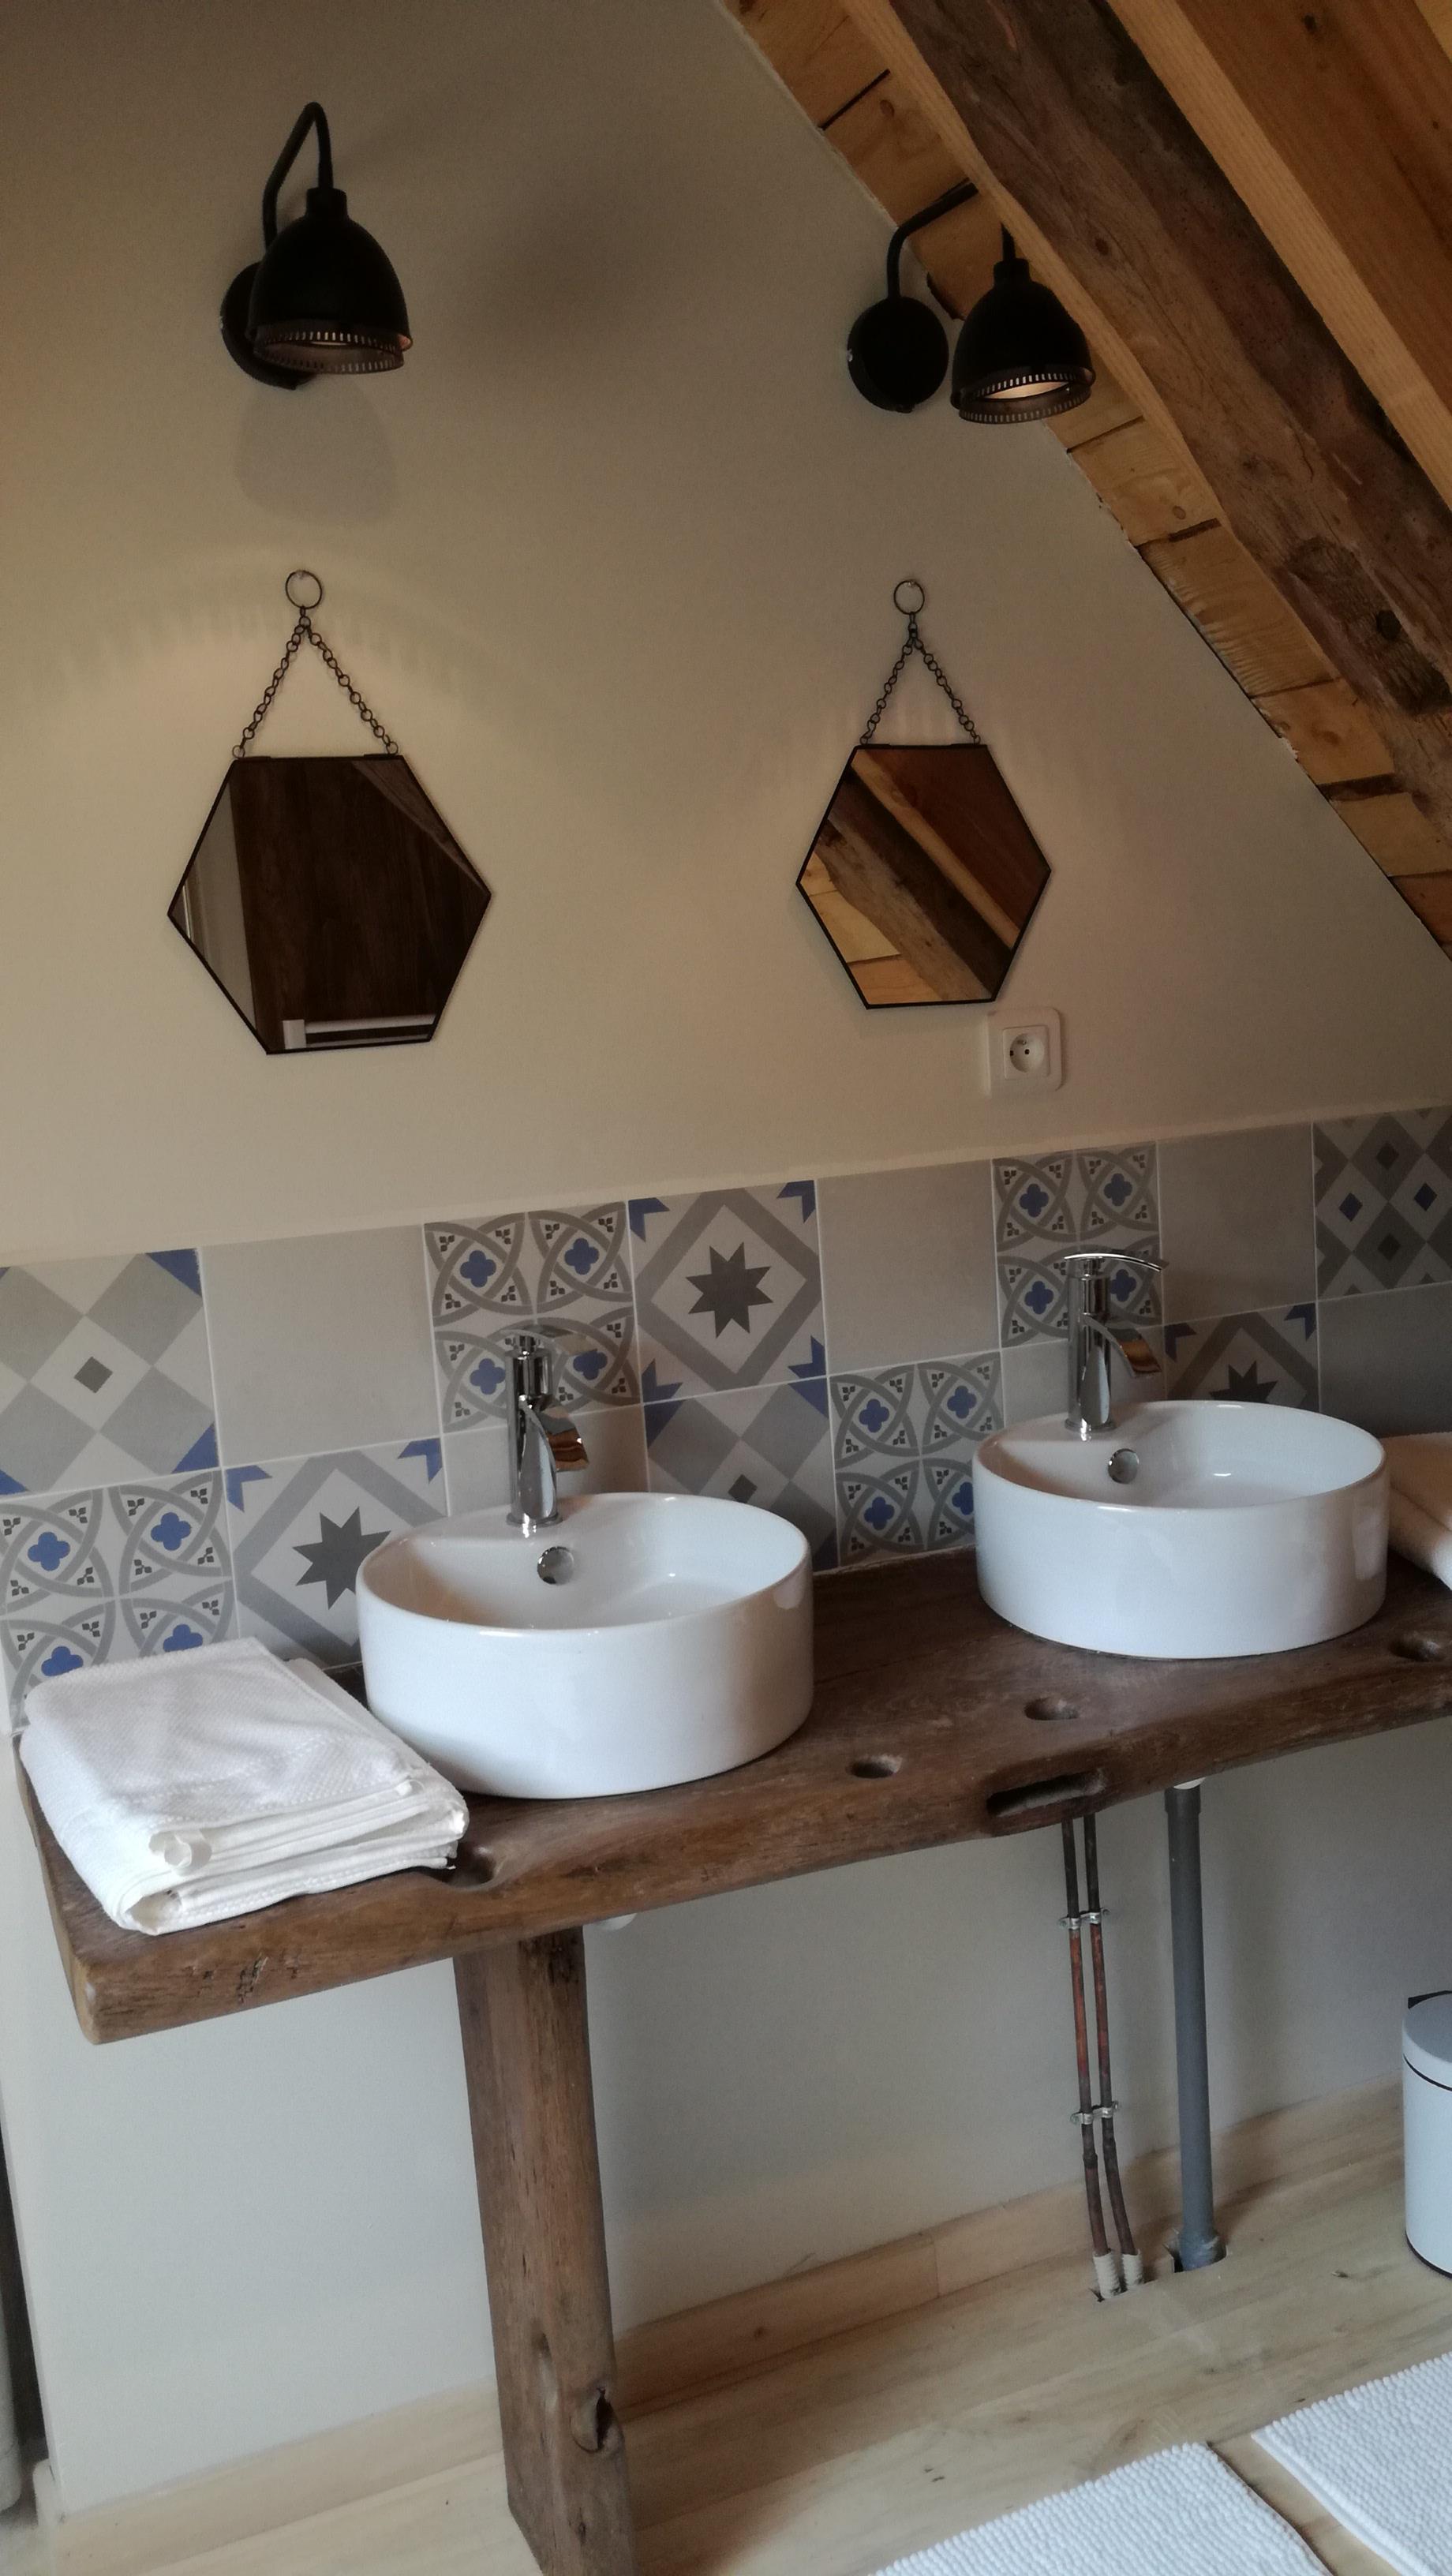 lavabo;salle de bains